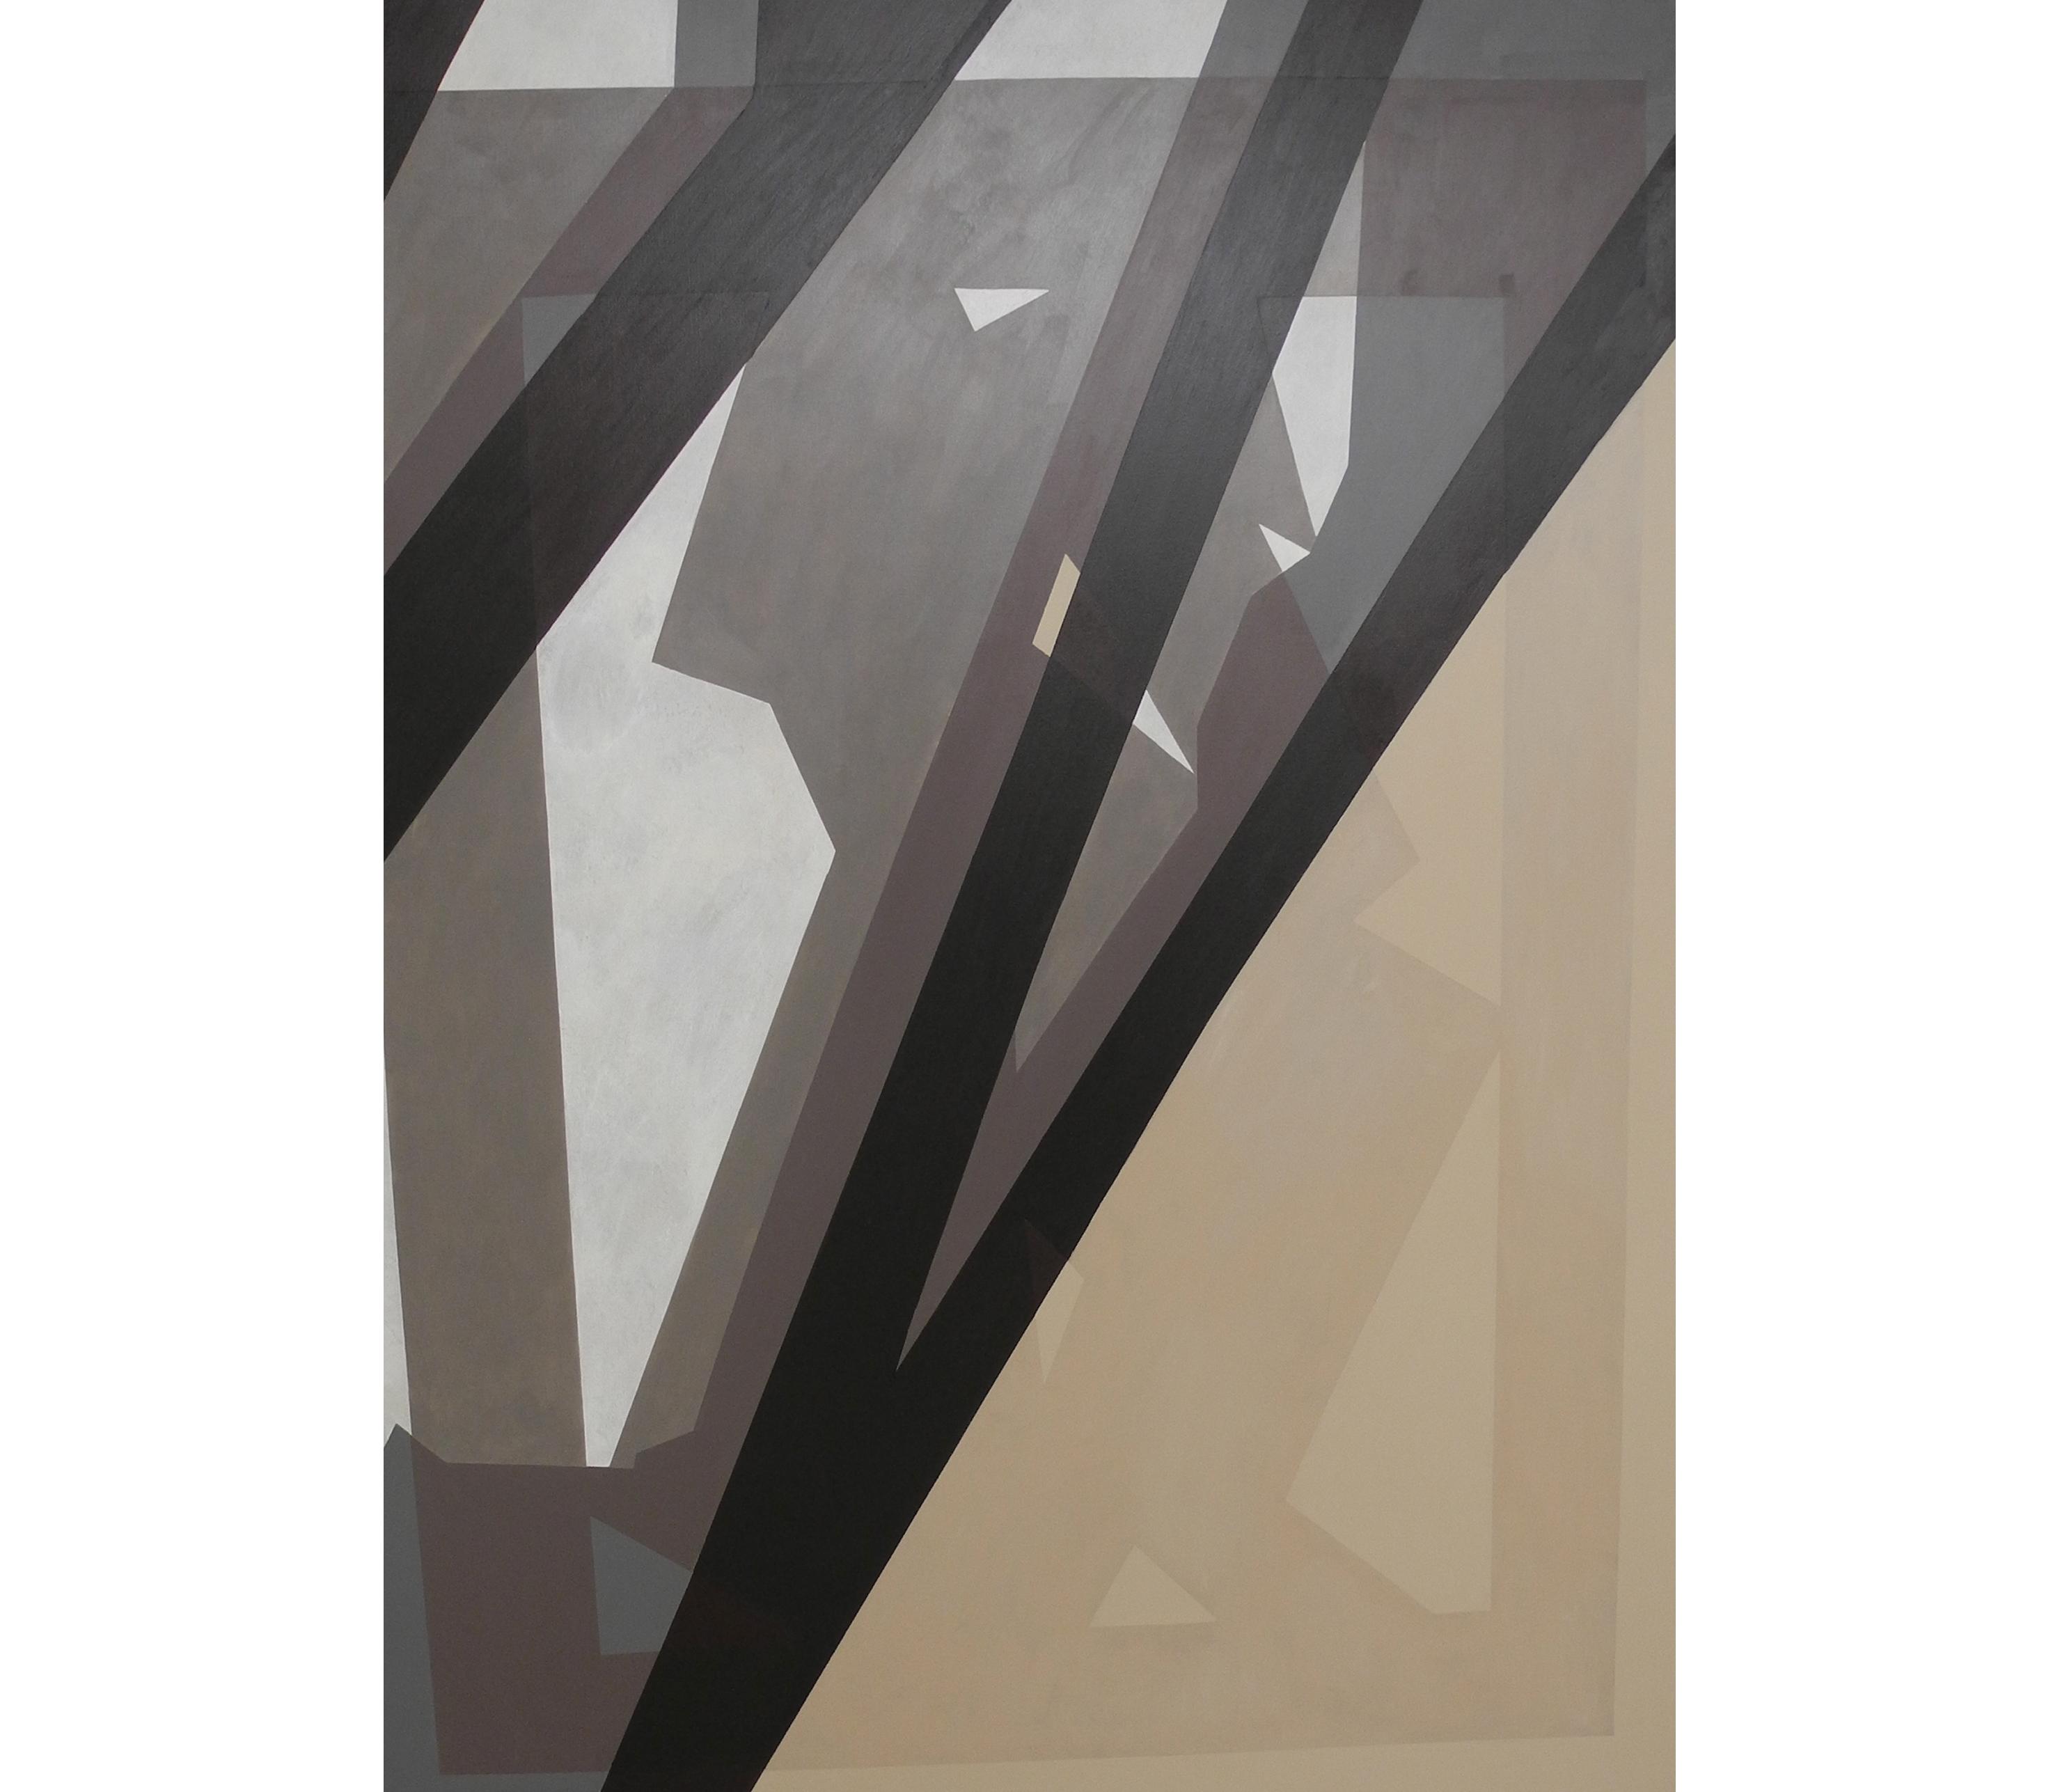 2014 - acryl op linnen 200x150